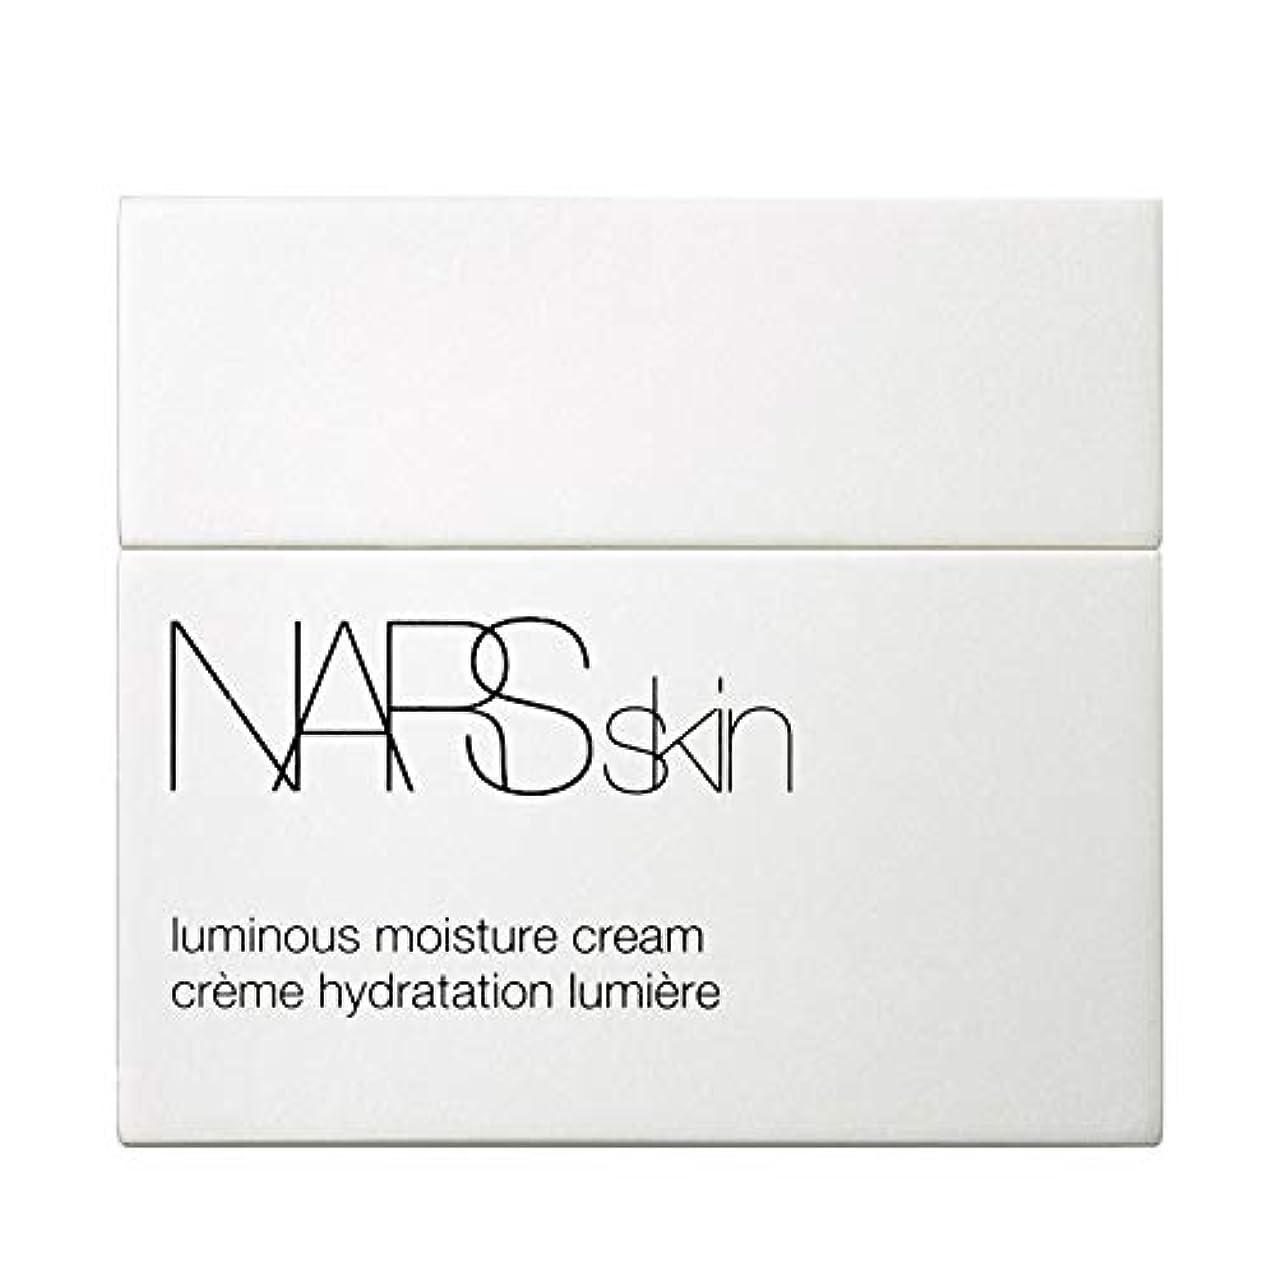 出発供給債権者[NARS] Narは発光水分クリーム - Nars Luminous Moisture Cream [並行輸入品]